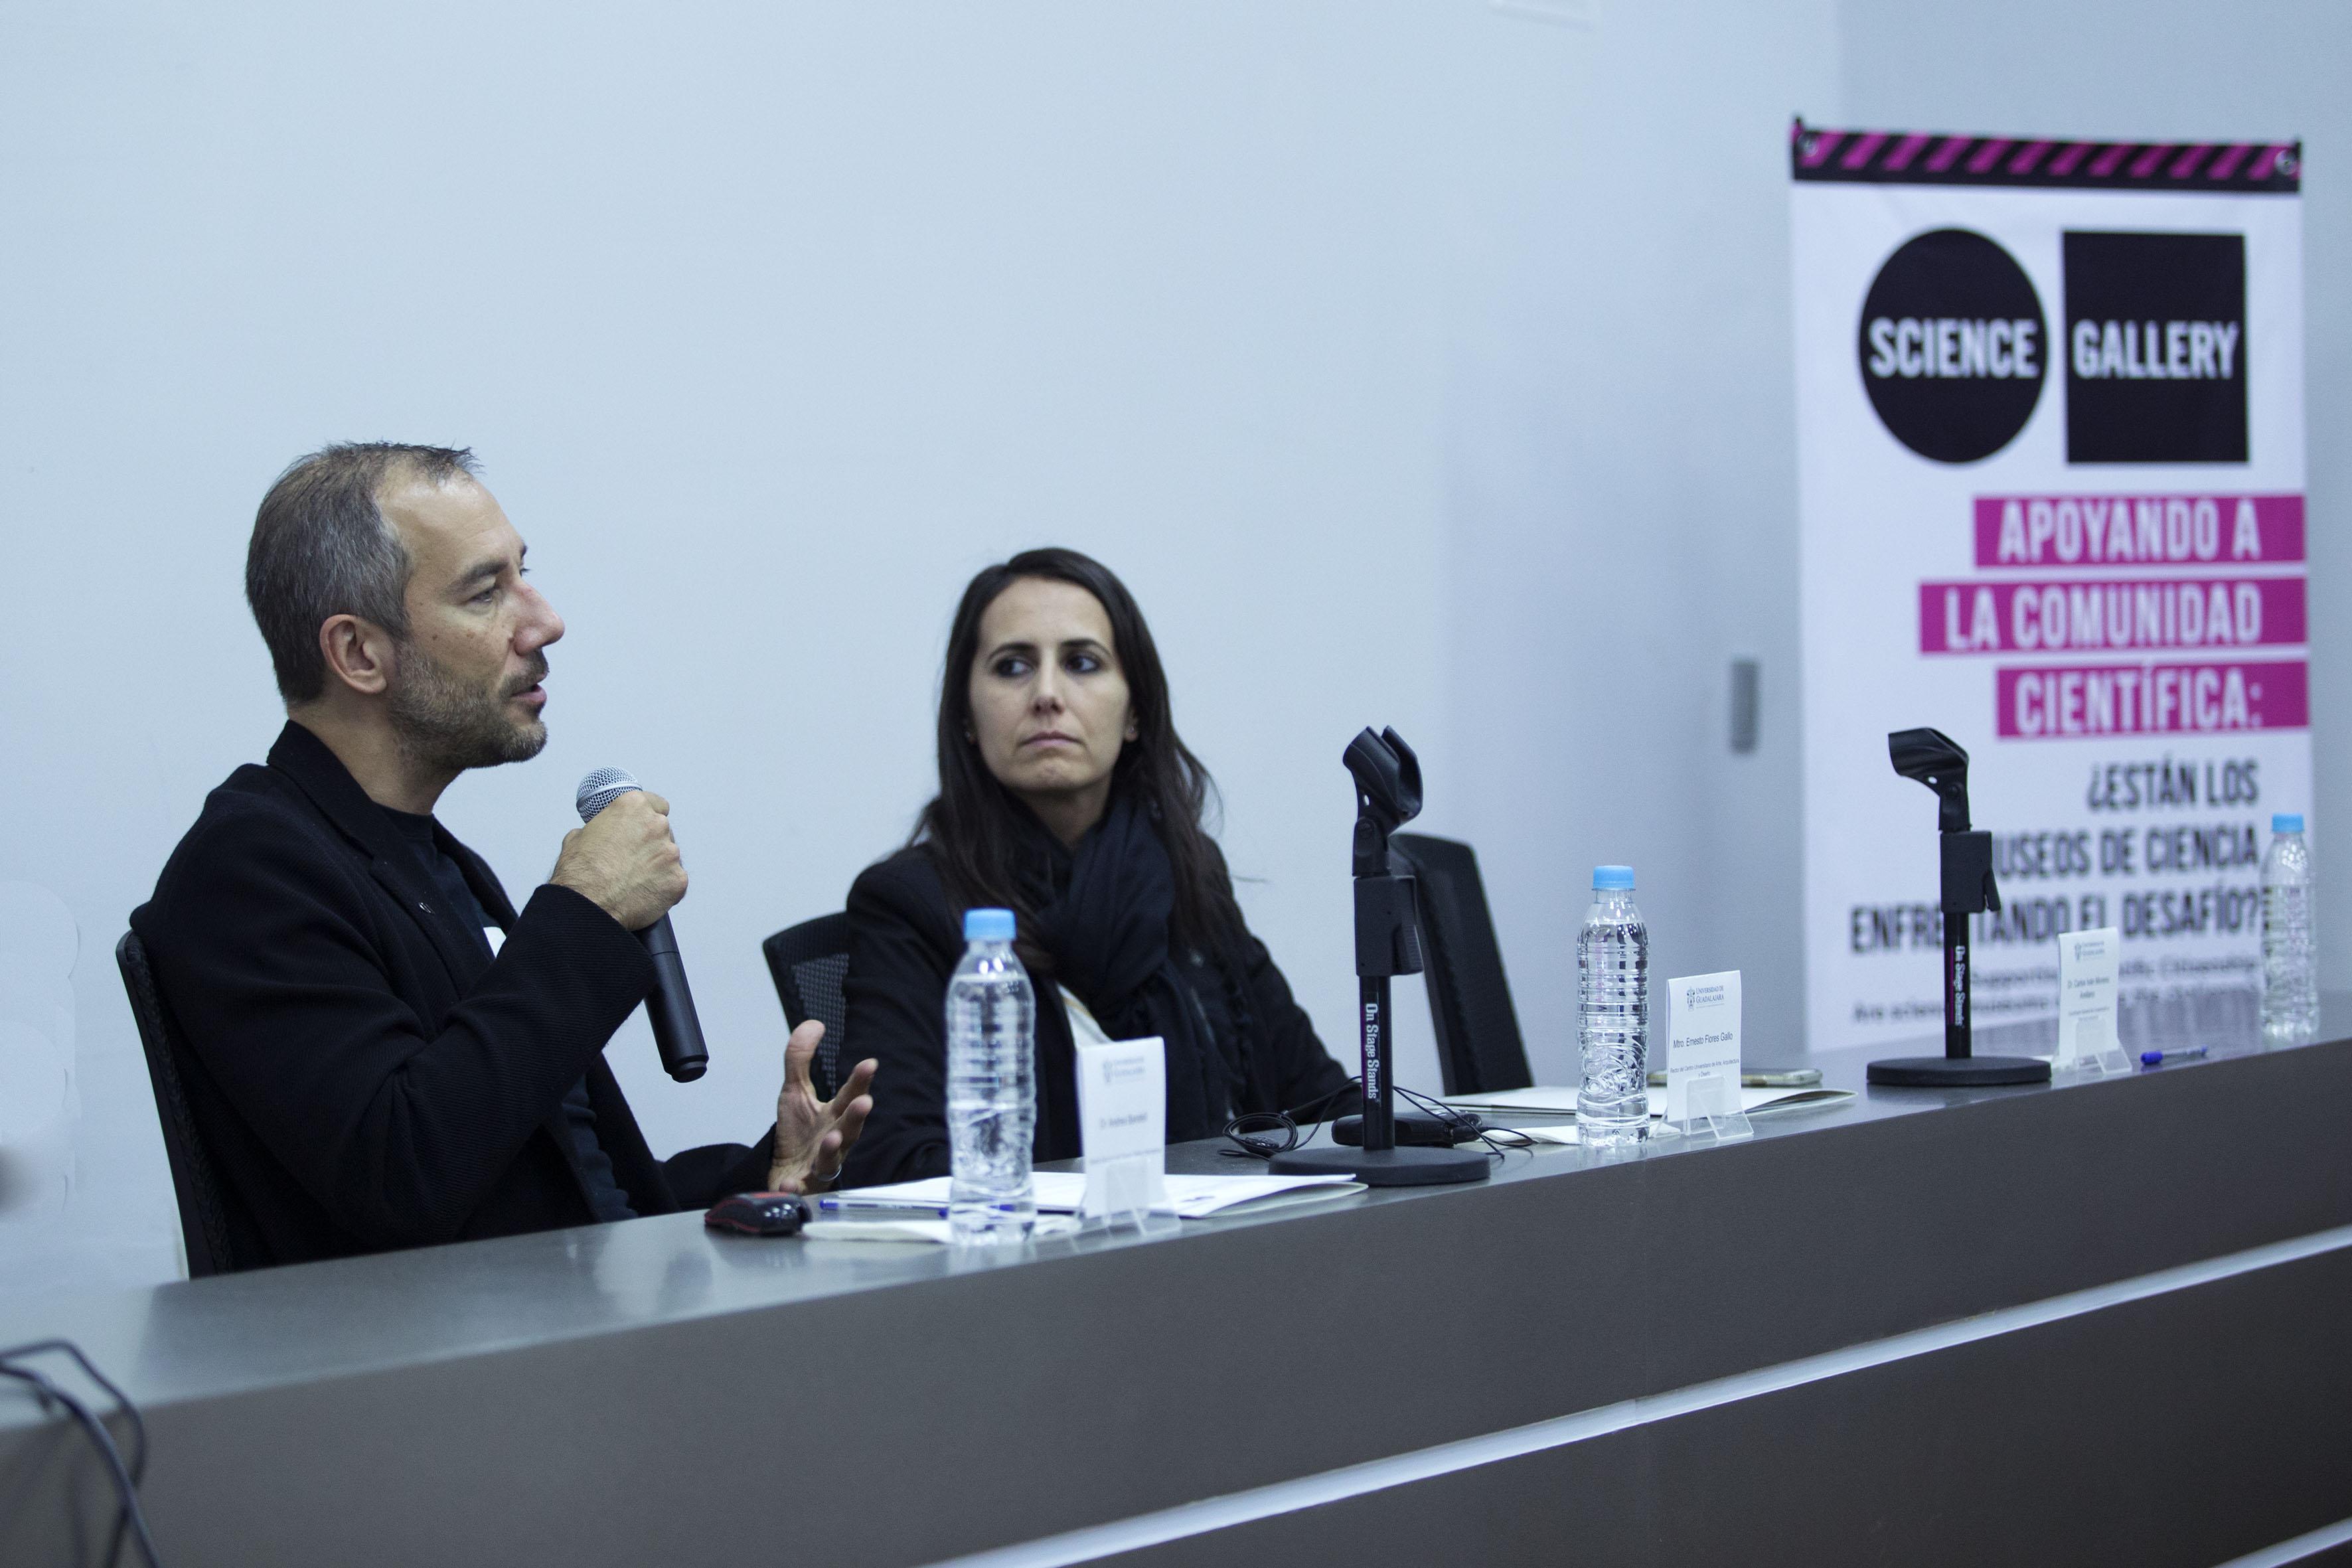 """Andrea Bandelli, director ejecutivo de Science Gallery, impartiendo la charla """"Apoyando a la ciudadanía científica: ¿están los museos de ciencia enfrentando el desafío?""""."""